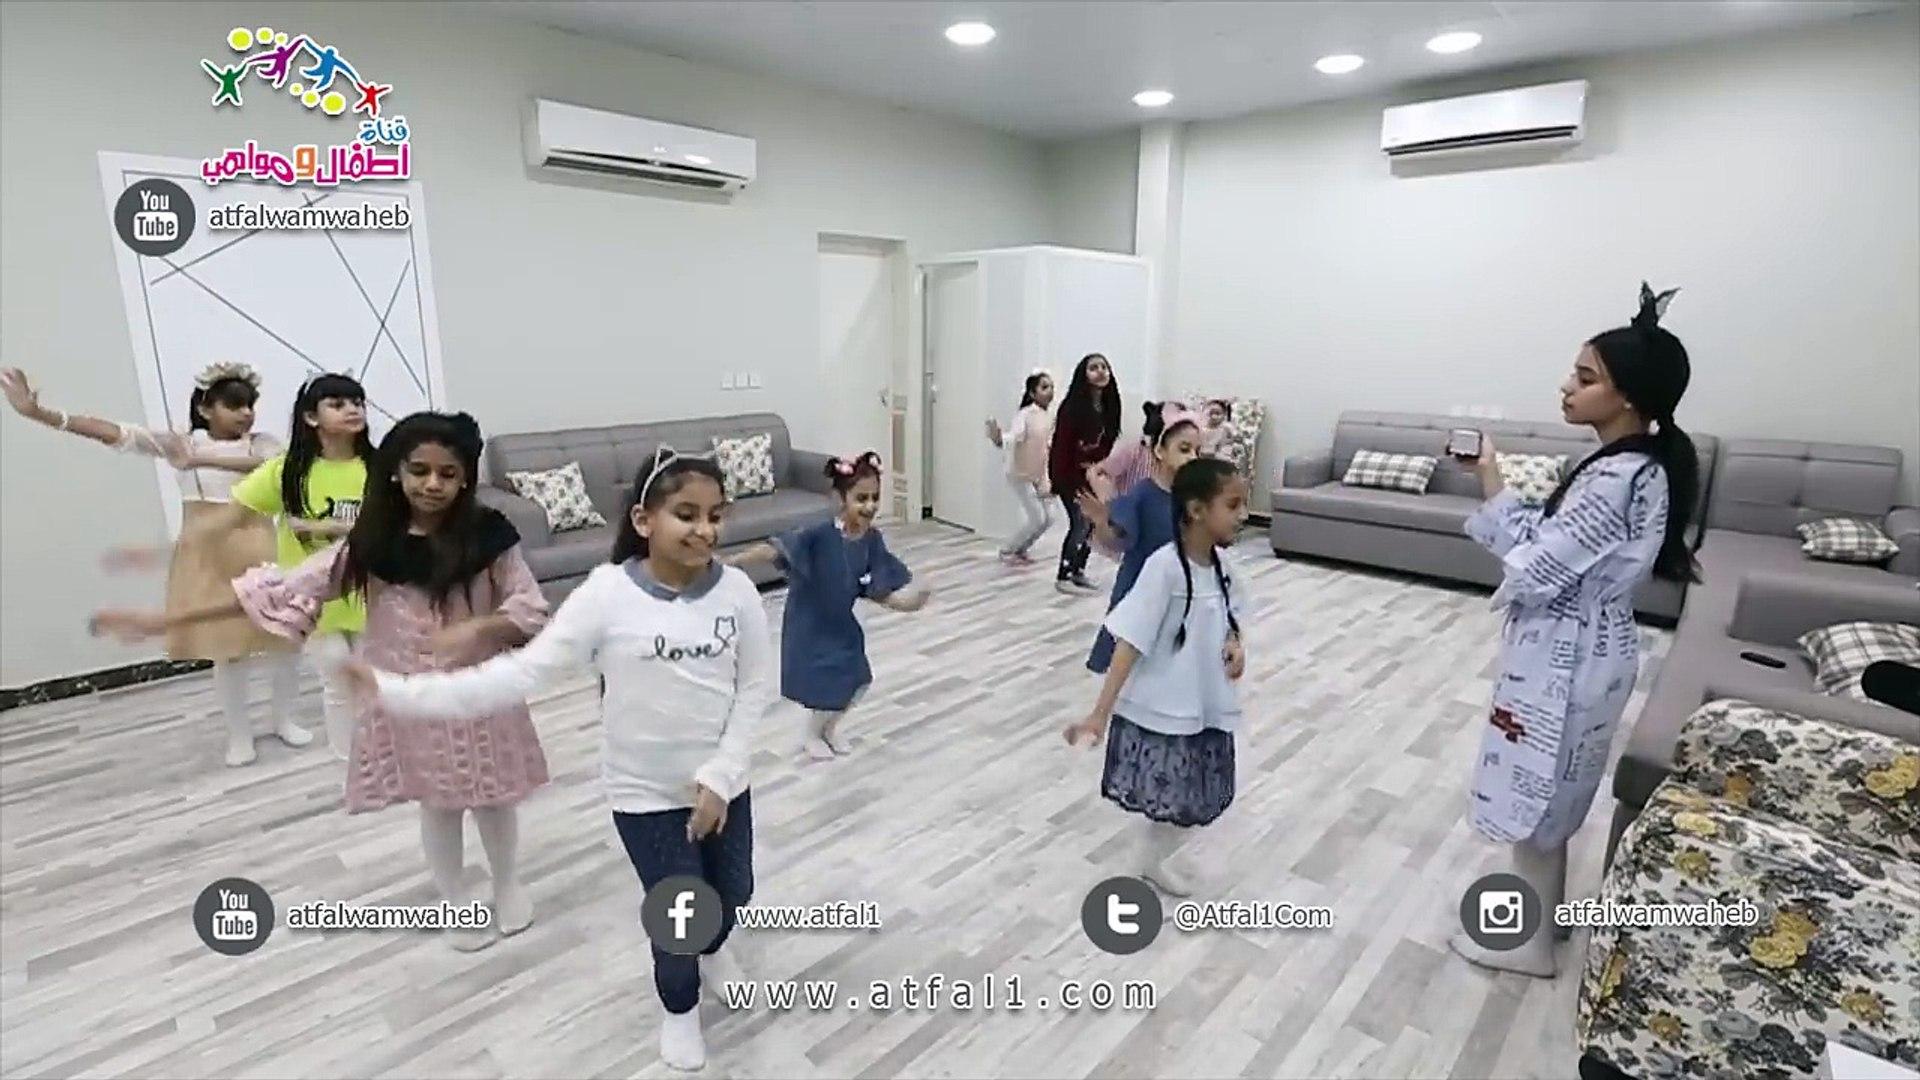 Atfalwamwaheb كواليس التدريب على نشيد جديد عن اليوم الوطني فيديو